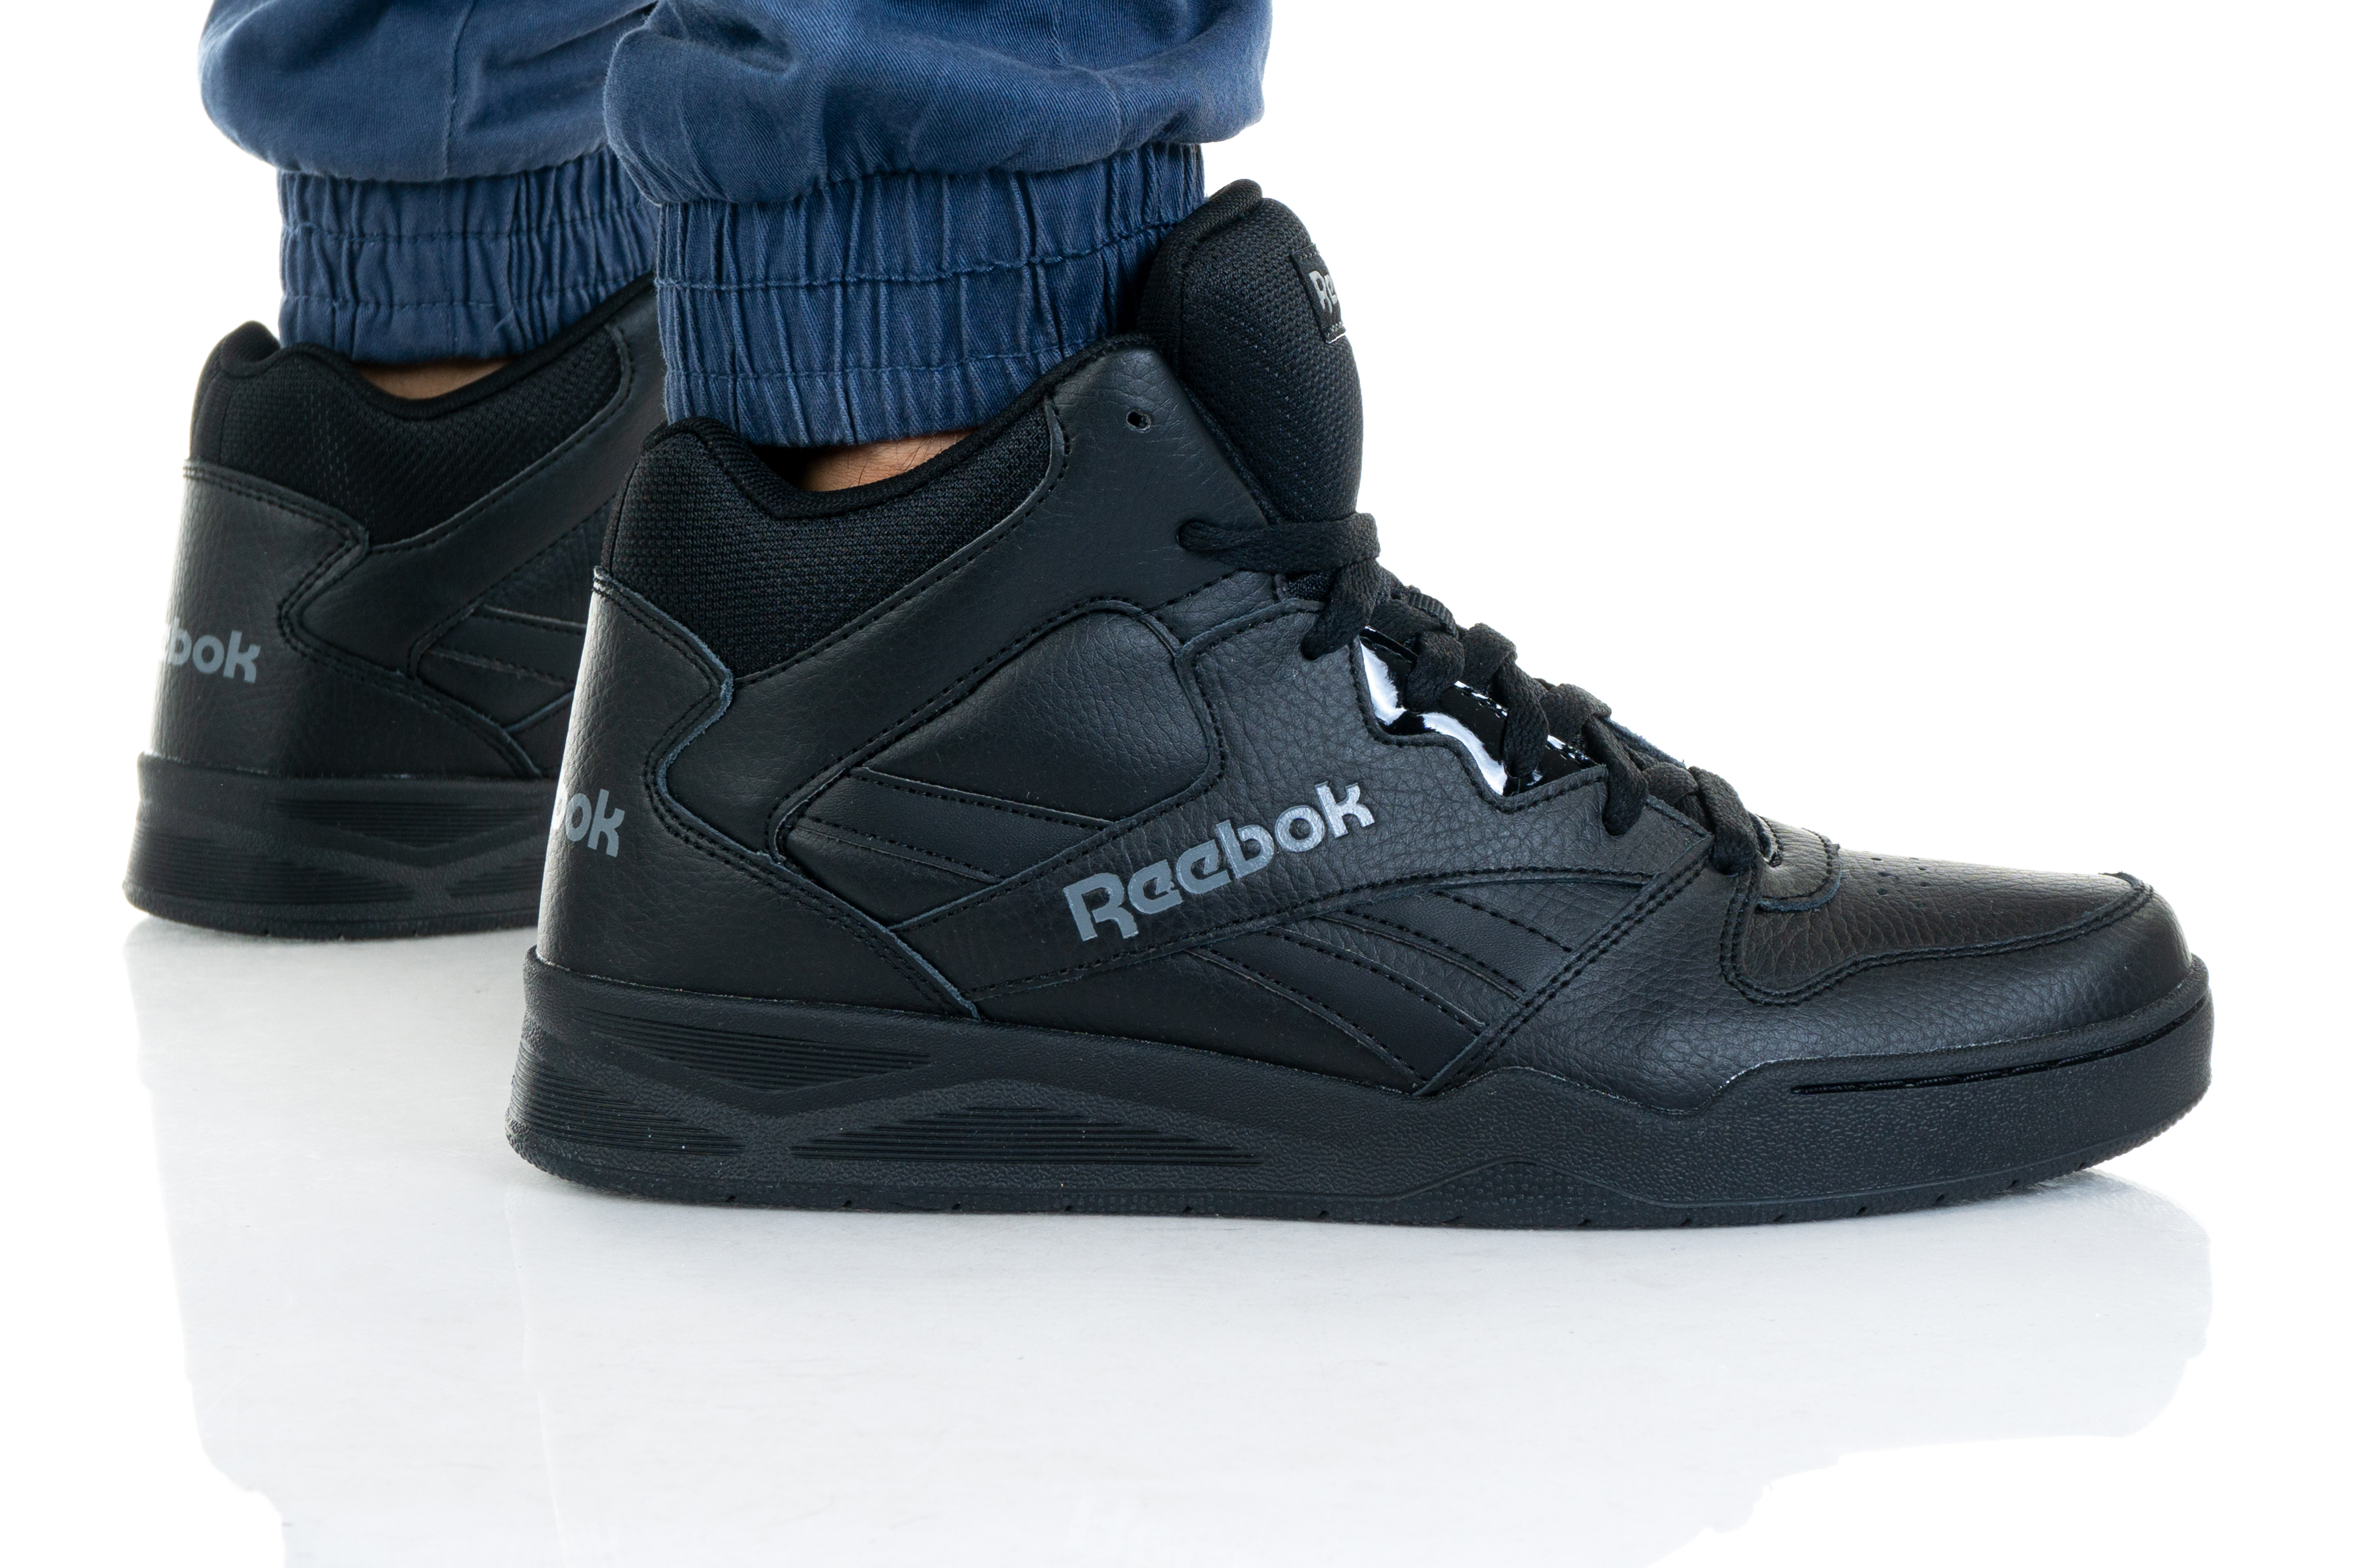 נעליים ריבוק לגברים Reebok ROYAL - שחור